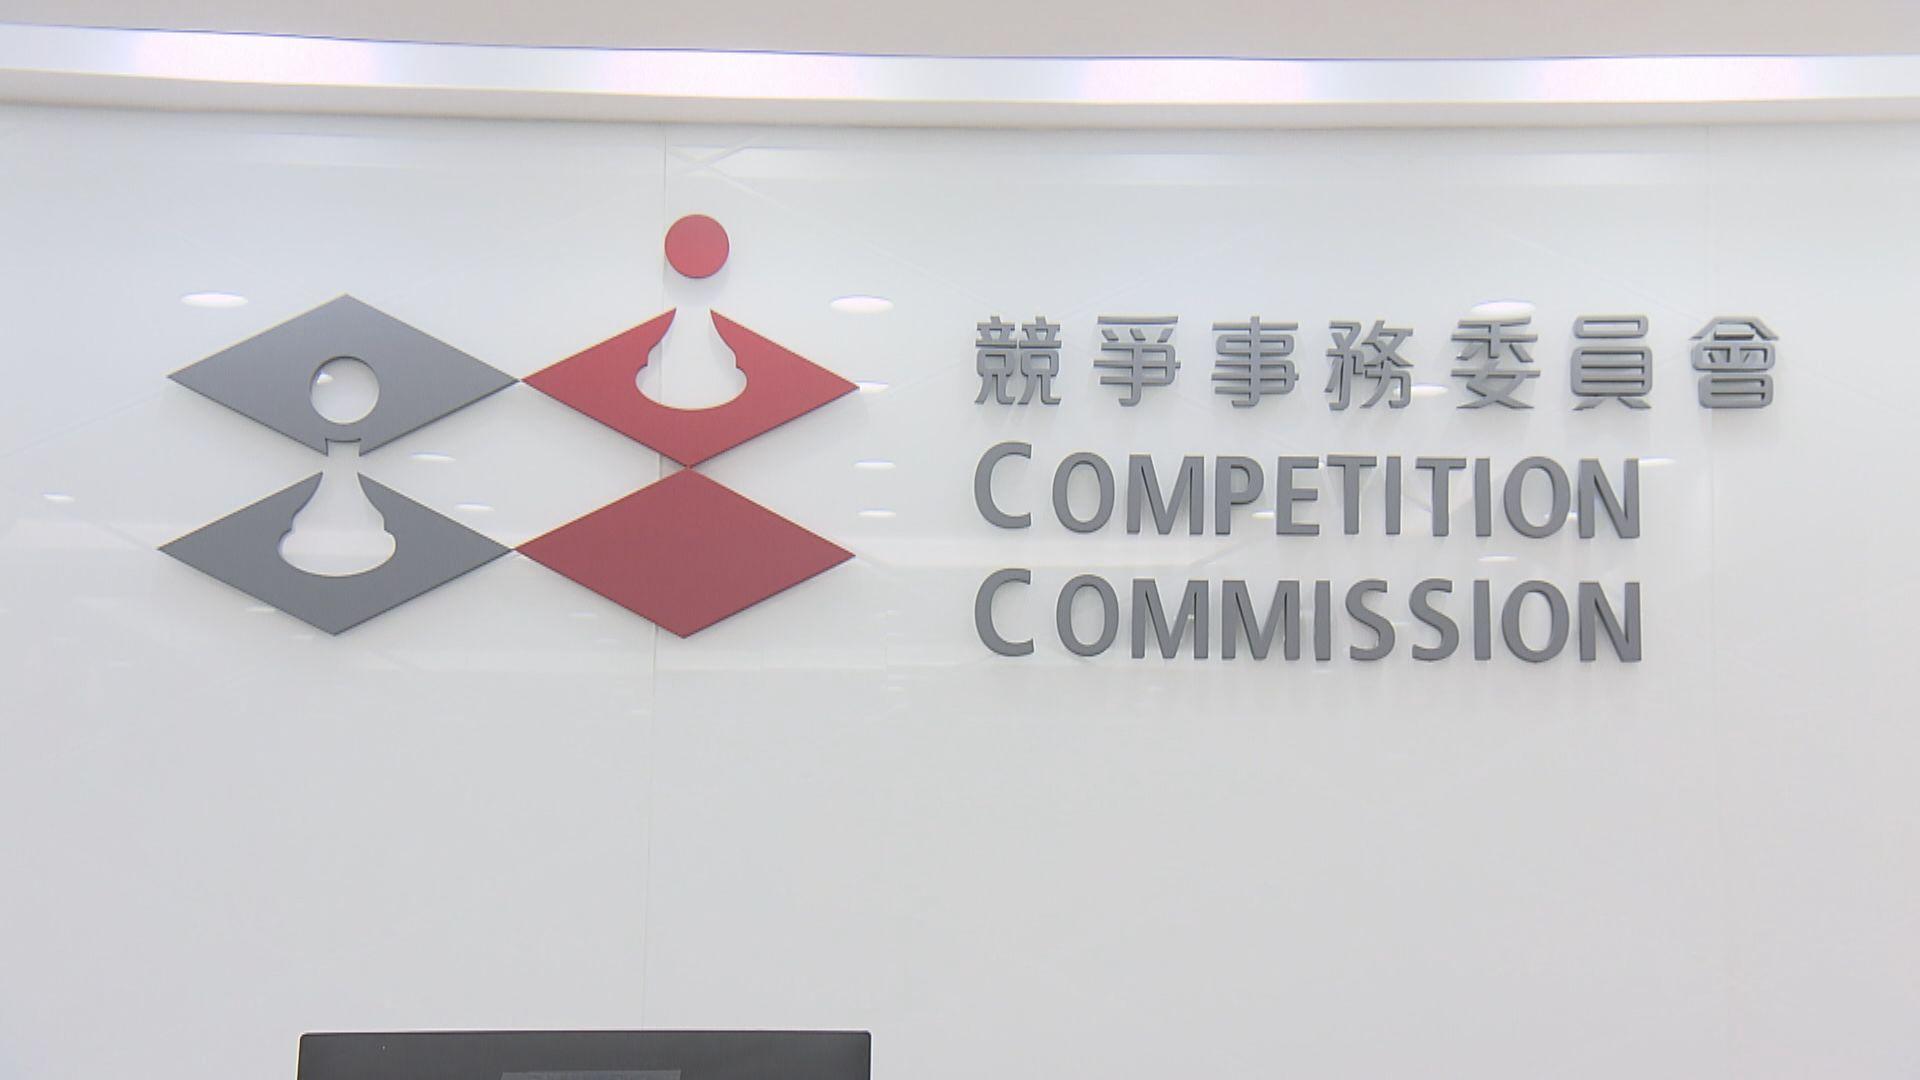 8裝修商及負責人違反競爭條例 罰款逾326萬元